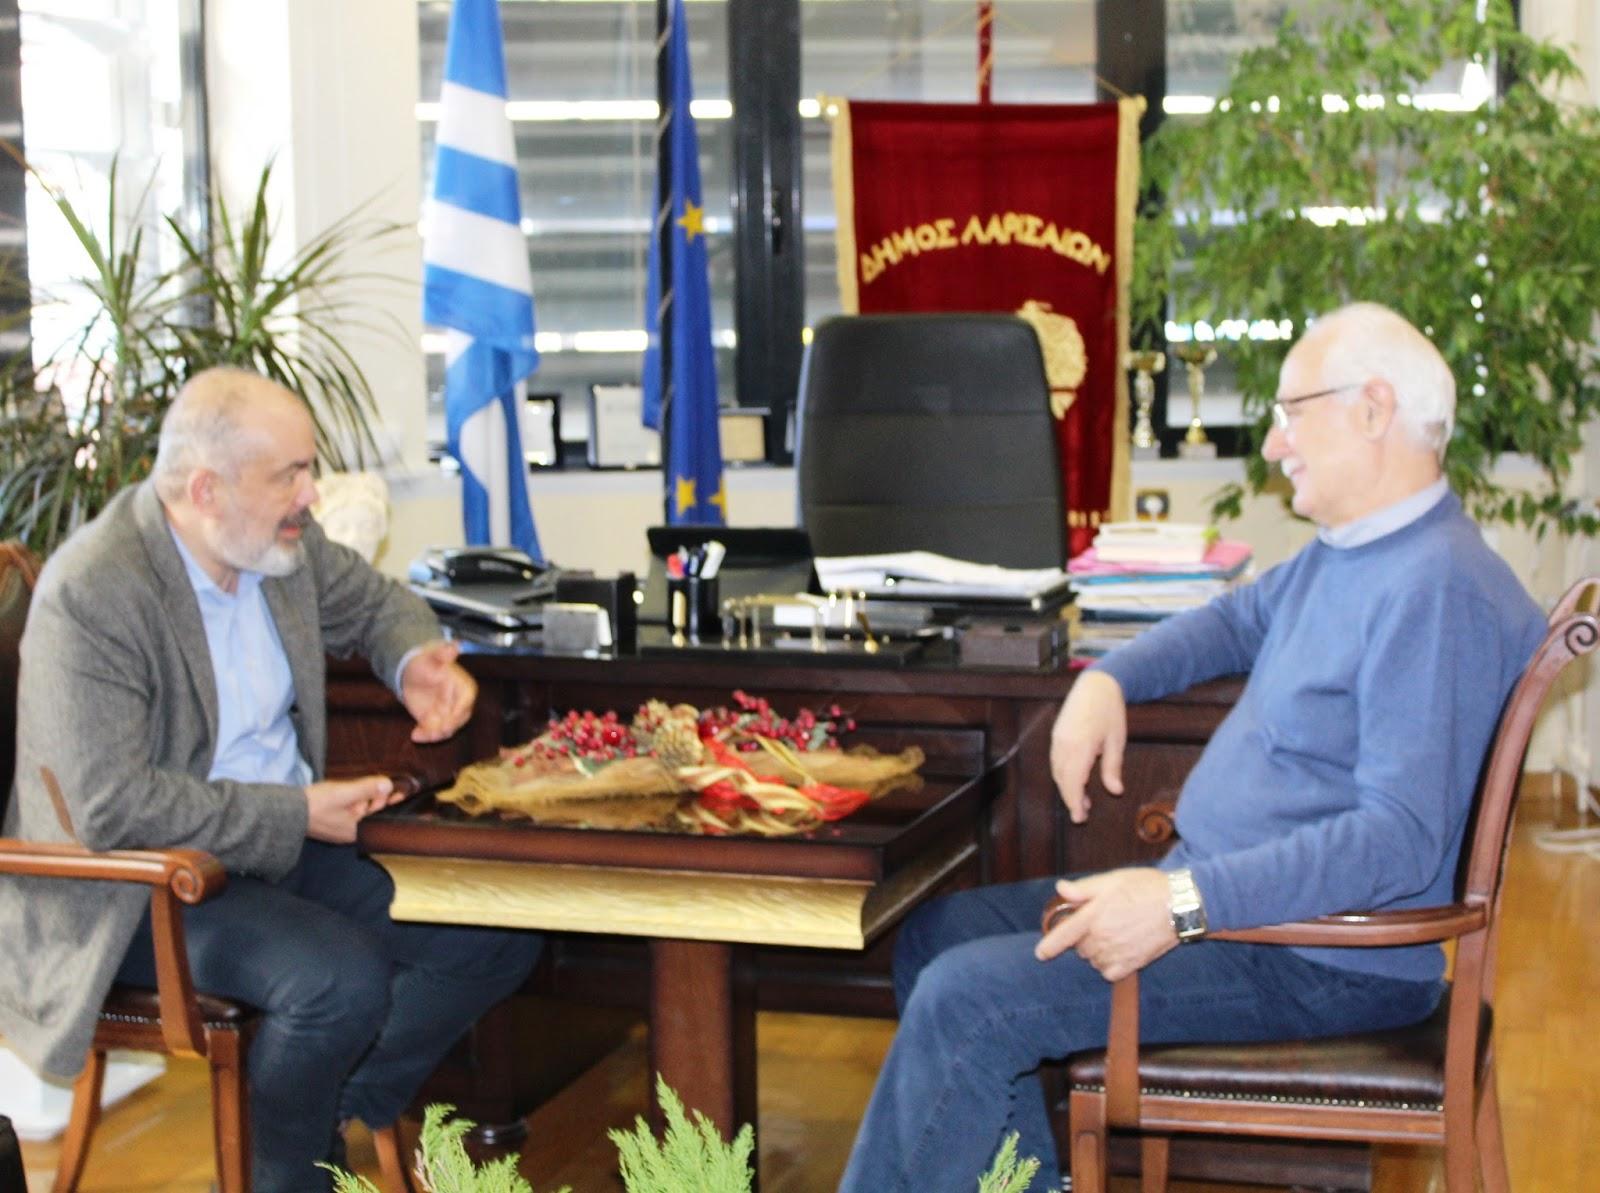 Ο βουλευτής Κώστας Μπαργιώτας για ευχές στο Δημαρχείο Λάρισας (ΦΩΤΟ)